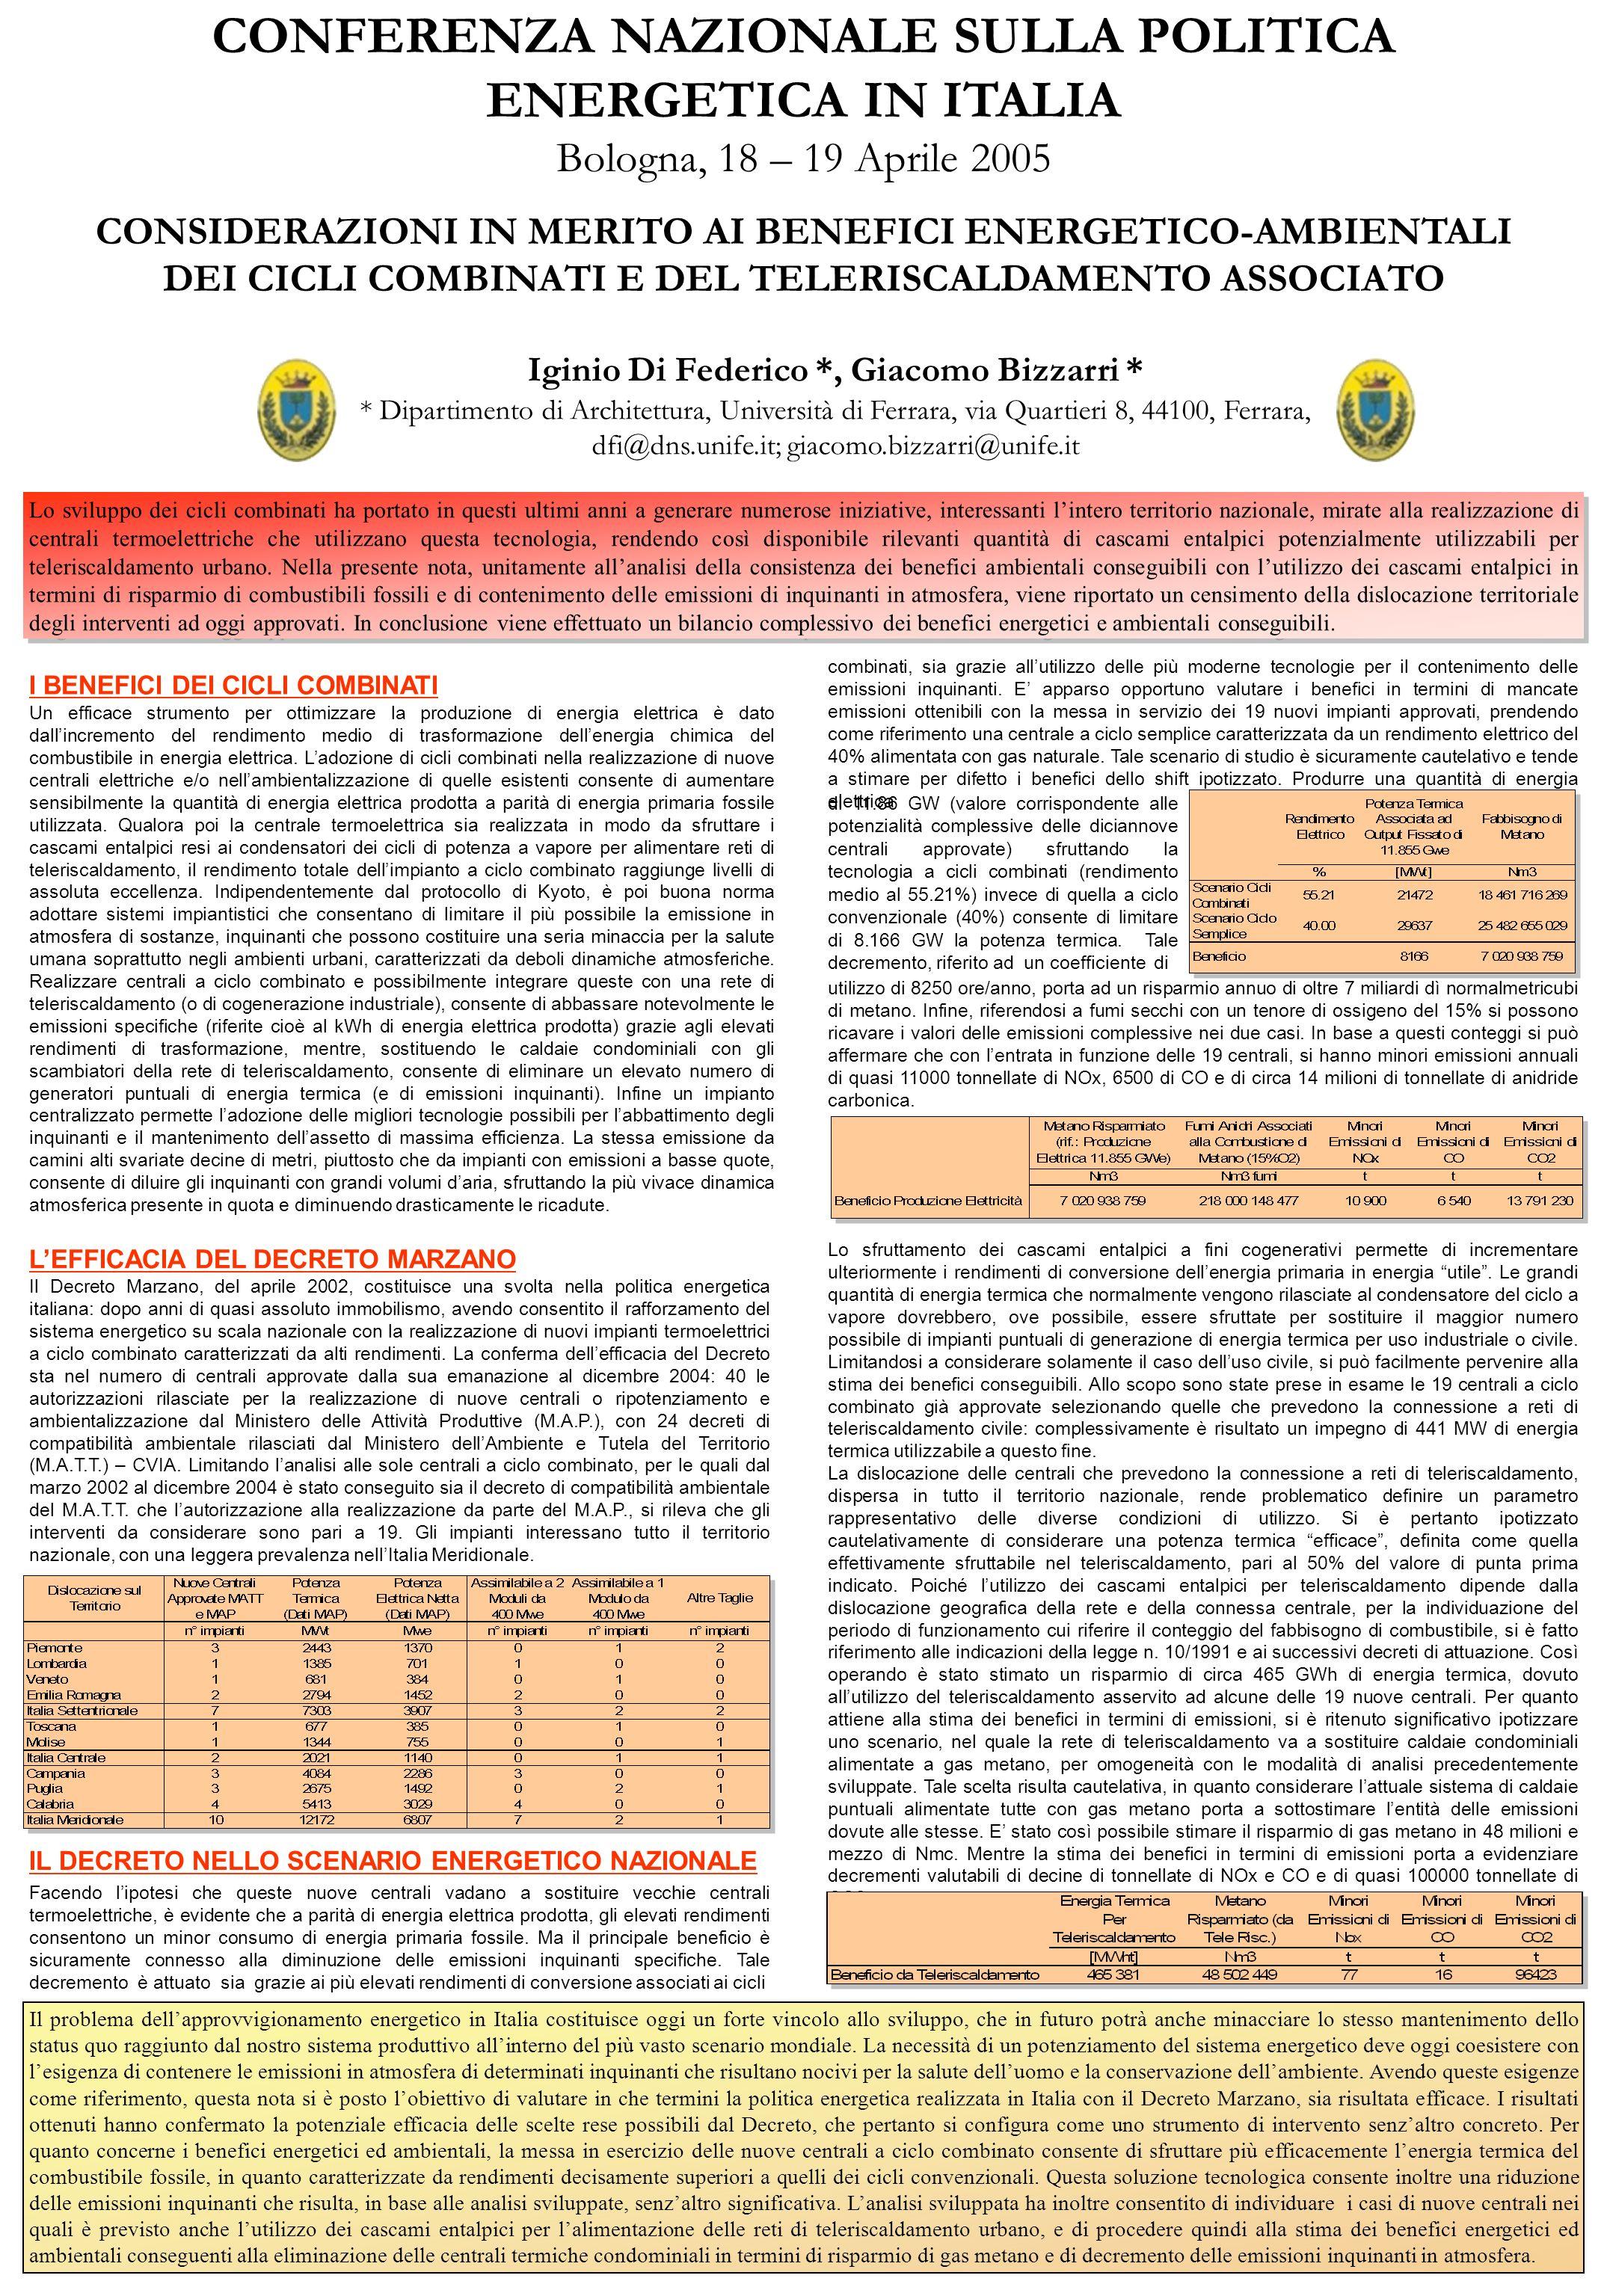 CONFERENZA NAZIONALE SULLA POLITICA ENERGETICA IN ITALIA Bologna, 18 – 19 Aprile 2005 CONSIDERAZIONI IN MERITO AI BENEFICI ENERGETICO-AMBIENTALI DEI C